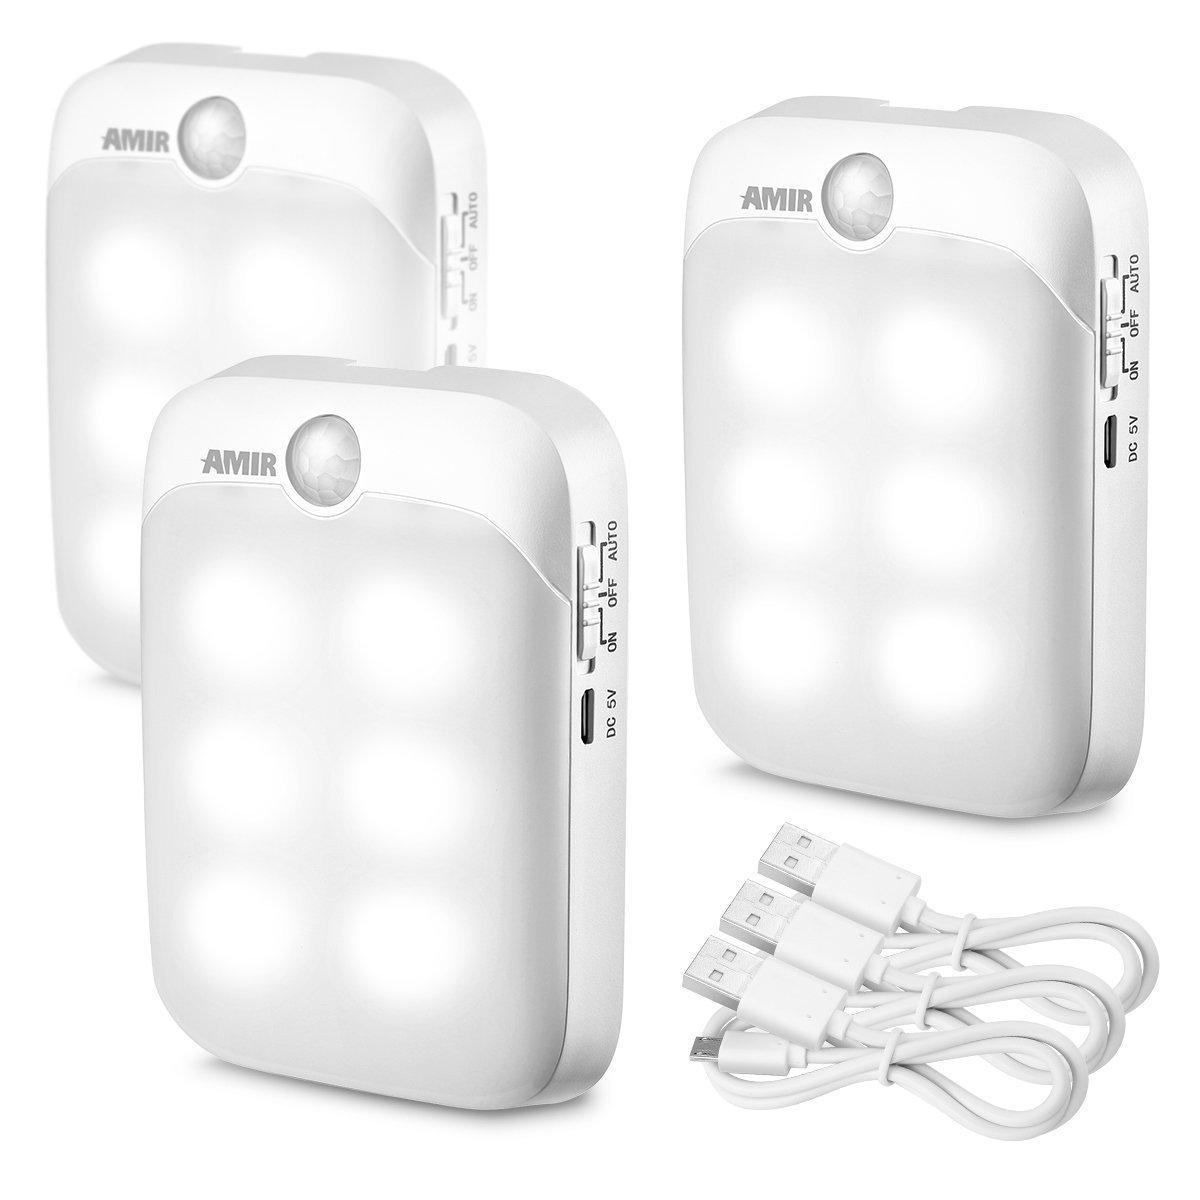 Amirモーションセンサーライト、3スイッチモード、2-ways超簡単インストール、USB充電式LEDナイトライト、セキュリティライト、緊急ライトを廊下 パックof、寝室 B073WQMGJ1、キッチン( Pureホワイト 3 – パックof 3 ) B073WQMGJ1, unique pocket:3d18a0cf --- ijpba.info